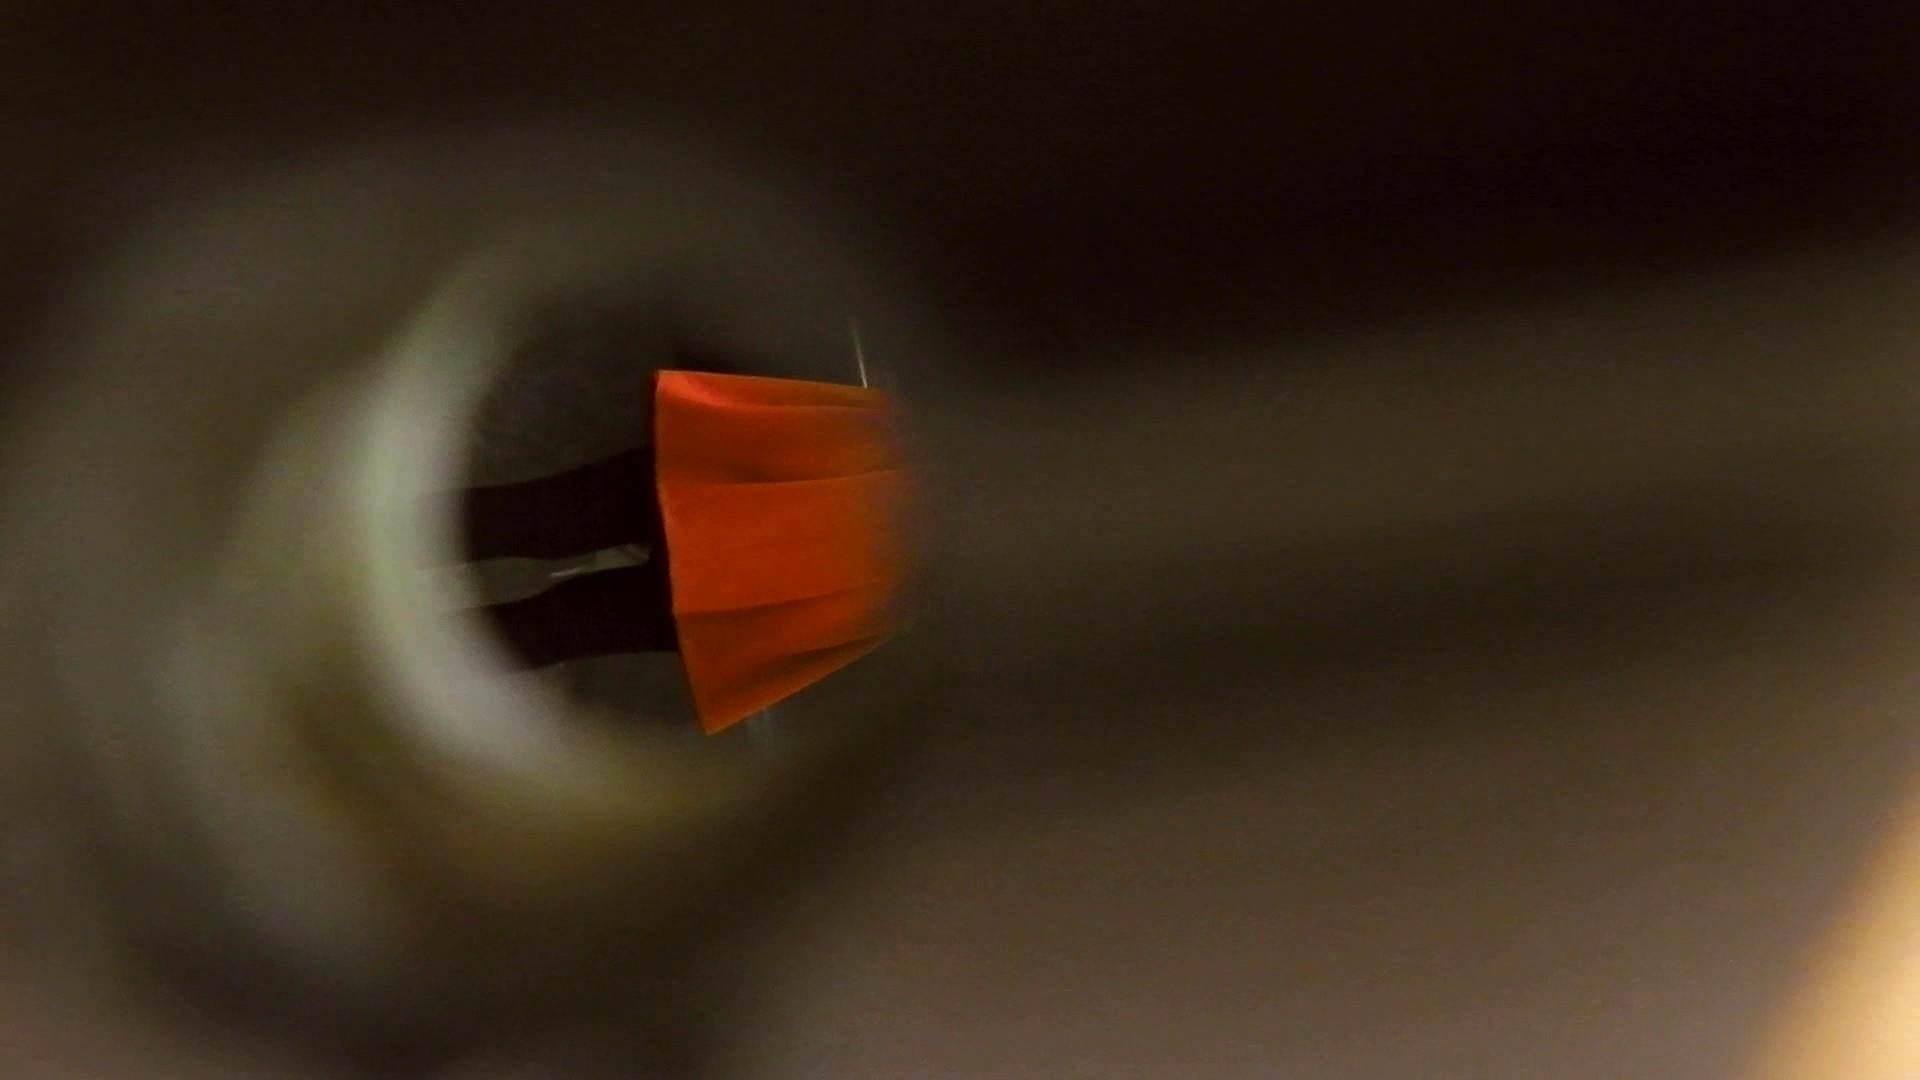 阿国ちゃんの「和式洋式七変化」No.2 ギャル攻め AV無料 75画像 2